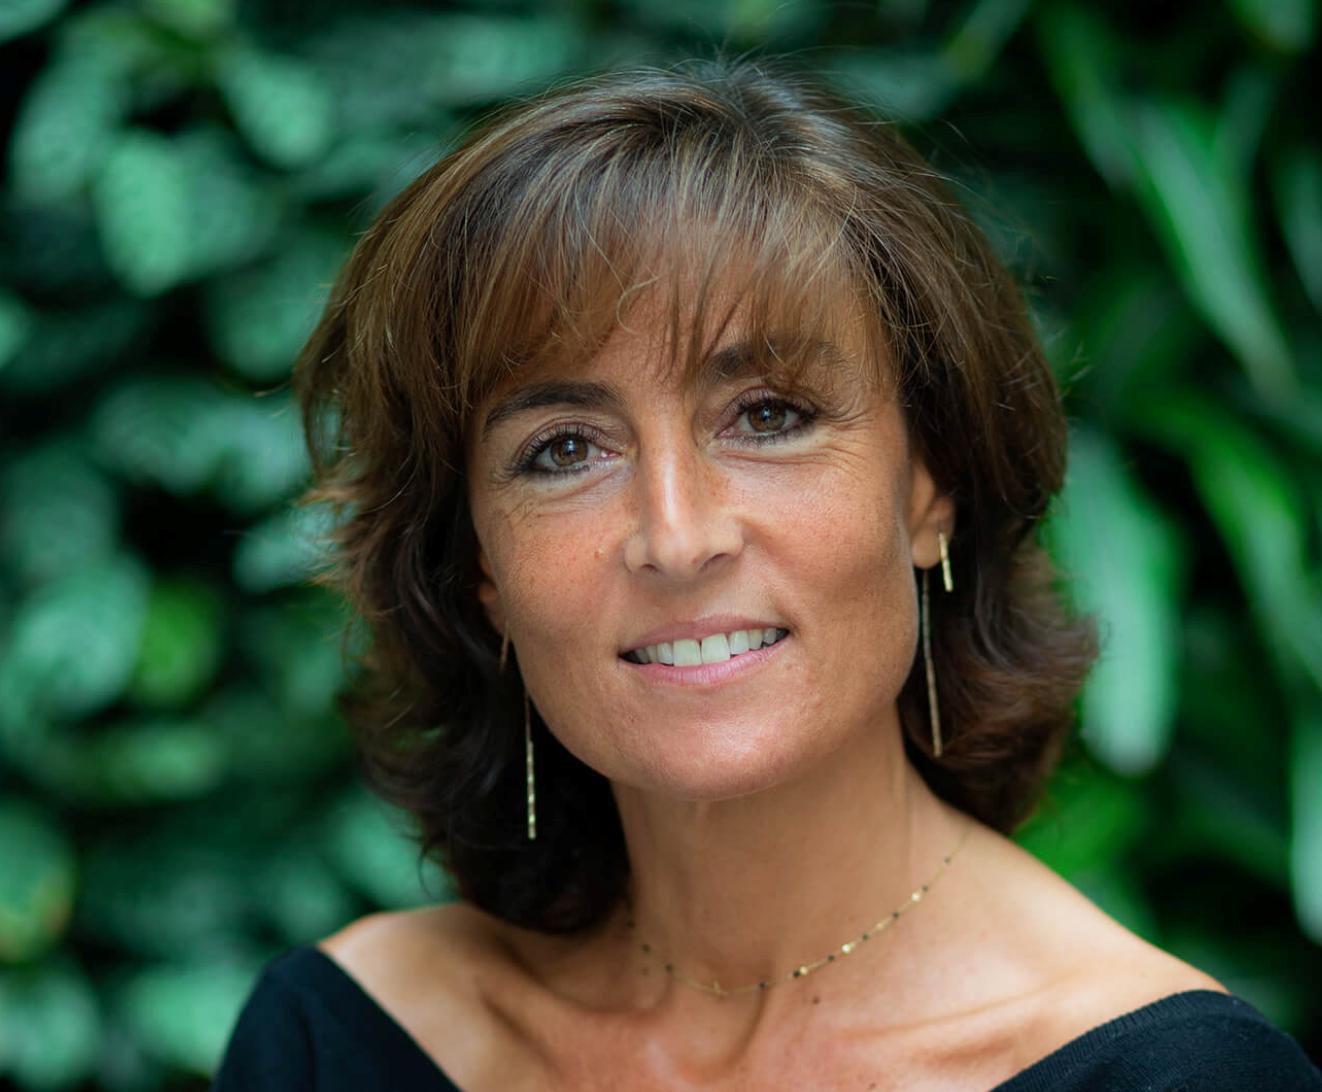 Nathalie Iannetta succède à Vincent Rodriguez qui est nommé Secrétaire général aux rédactions de France Bleu